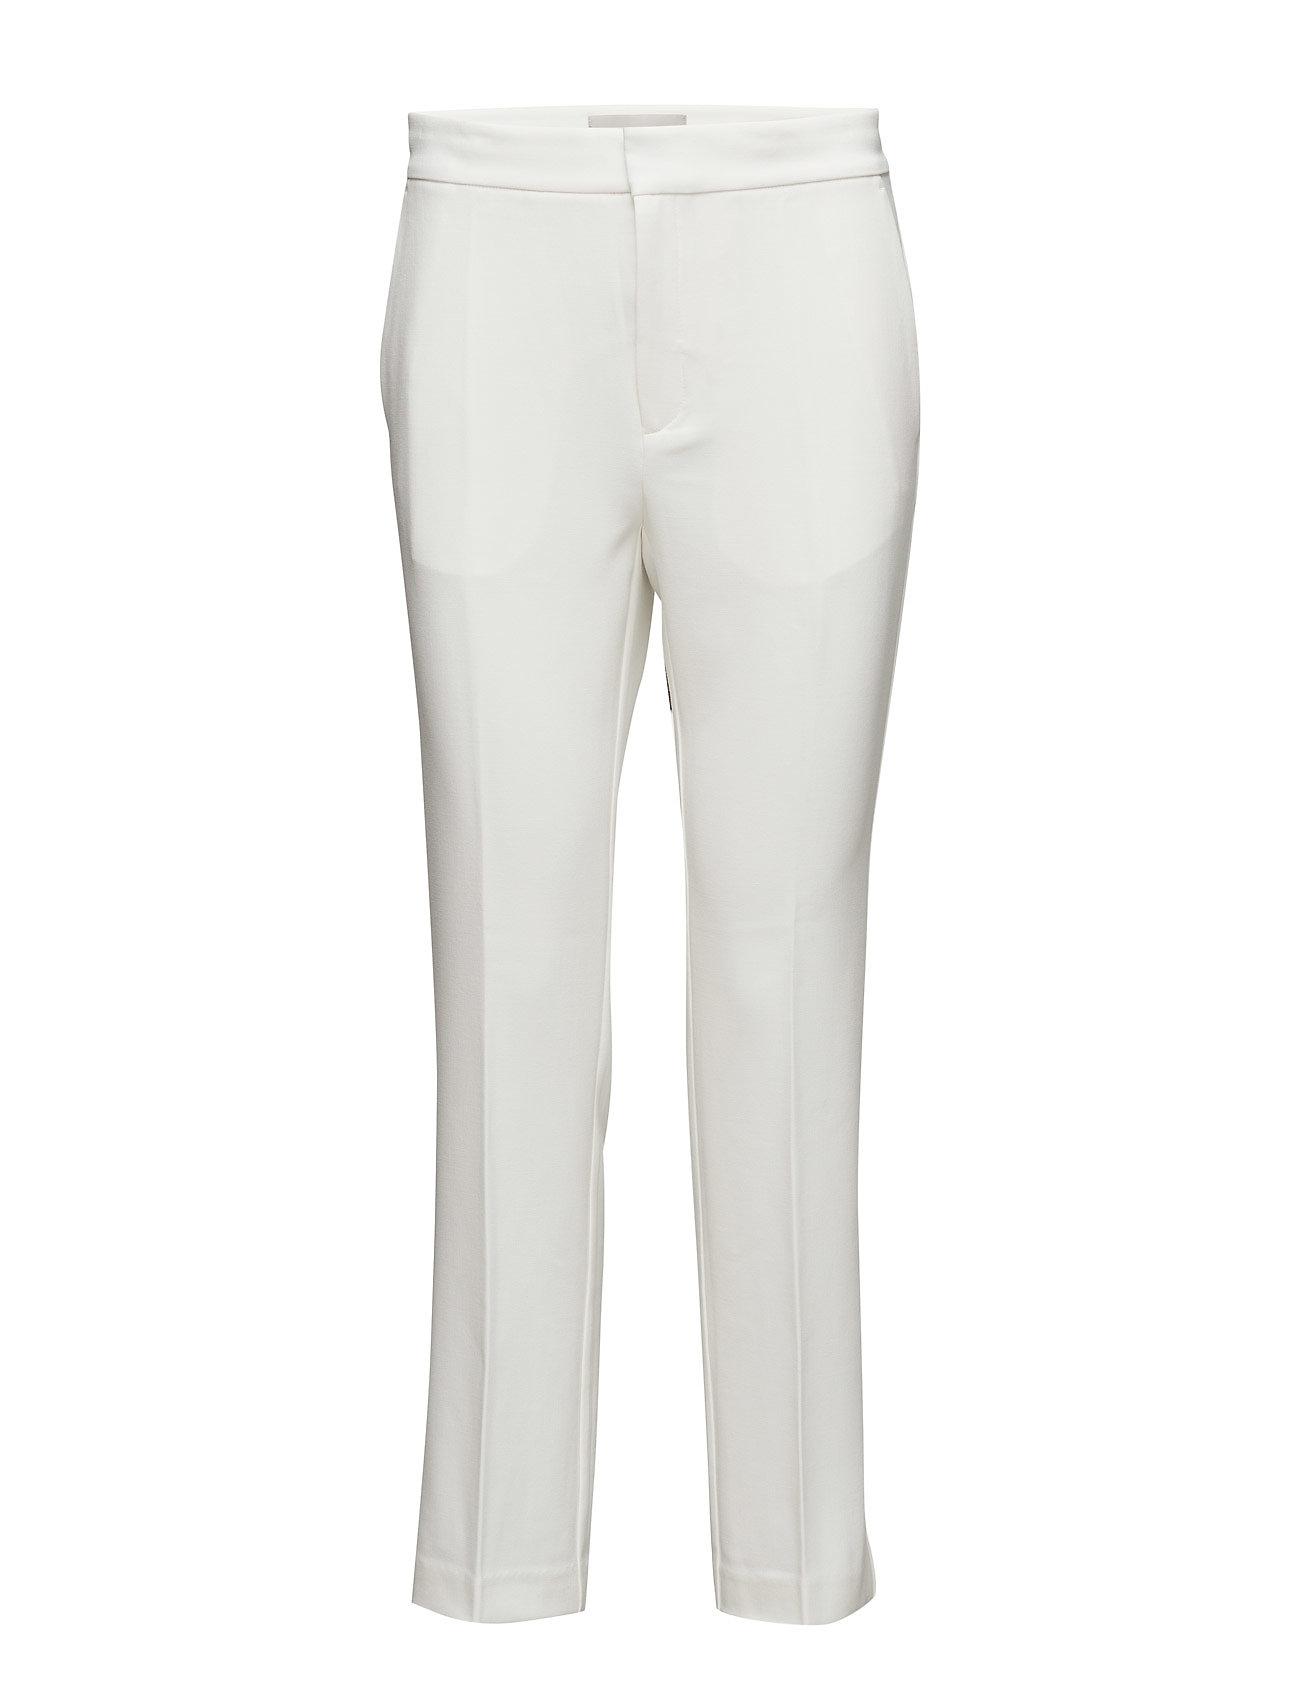 Zoya Pant Hw InWear Bukser til Kvinder i hvid røg